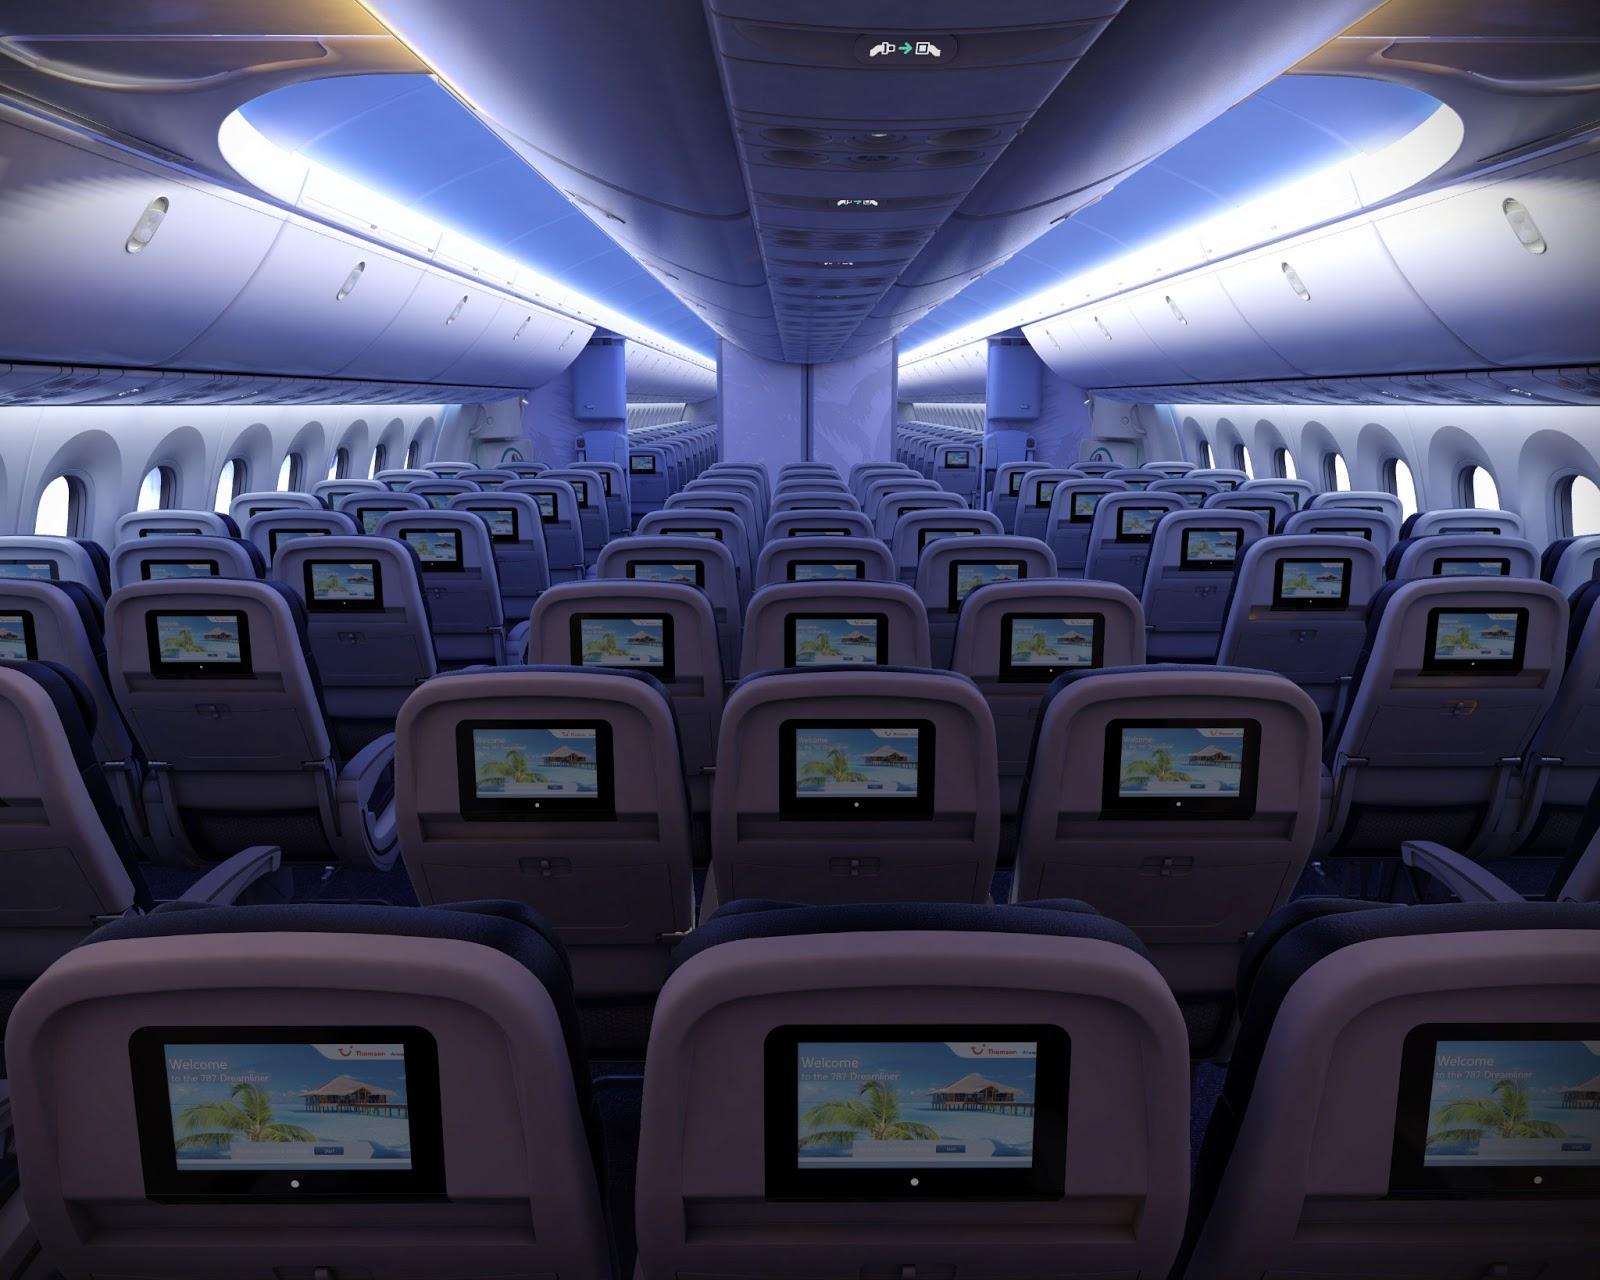 Viet Aviation Thomson Airways Boeing 787 Cabin Interior